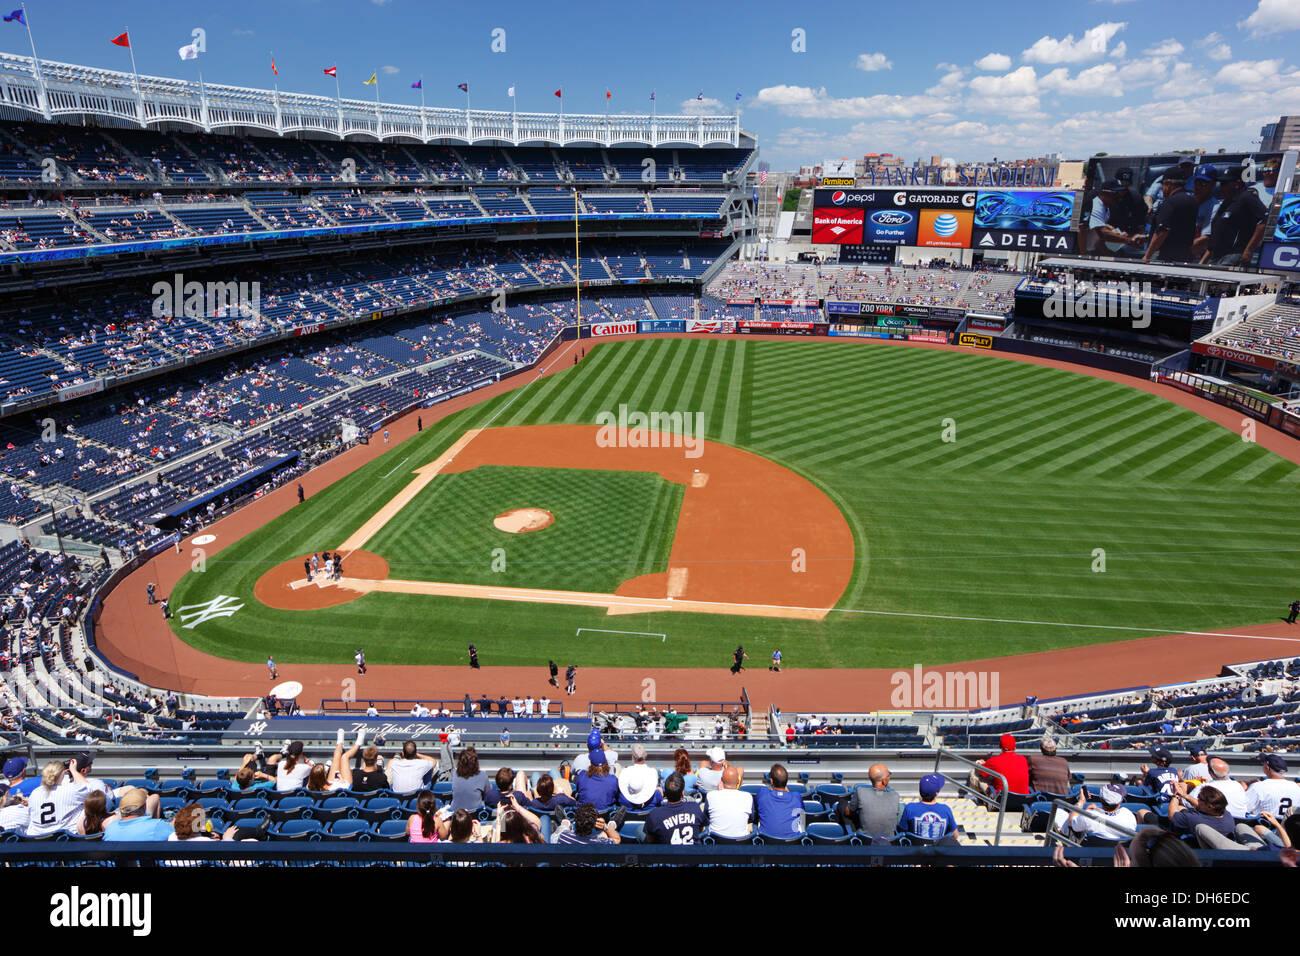 El Yankee Stadium, en el Bronx, Nueva York, Estados Unidos. Imagen De Stock